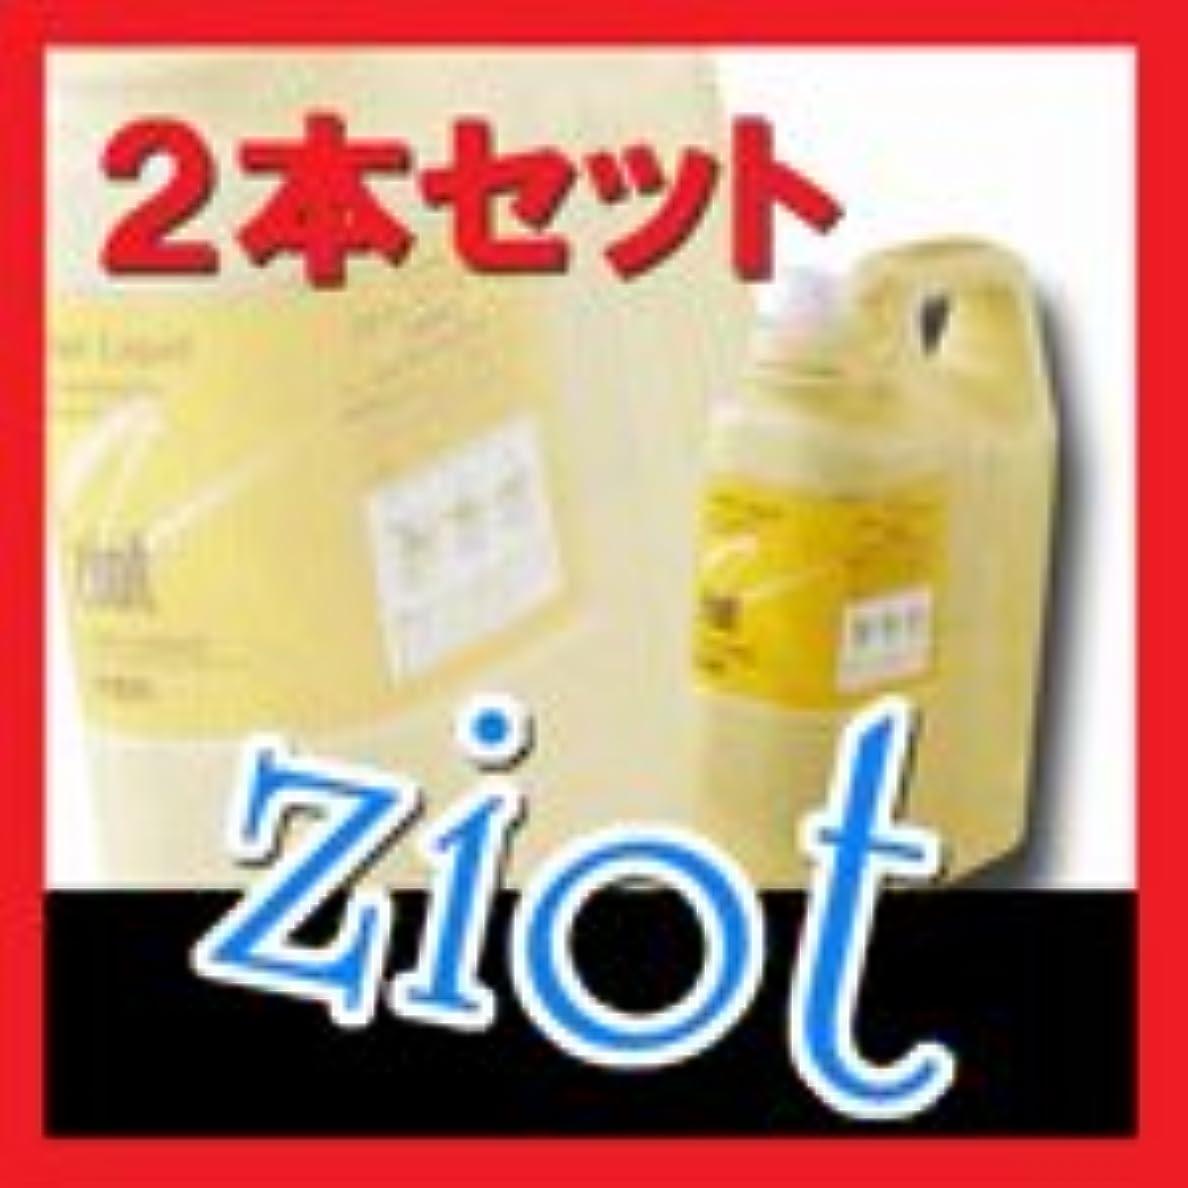 持参ダンス分配しますクラシエ ZIOT ジオット ヘアー リクイド 2000ml ×2本 お徳用サイズ